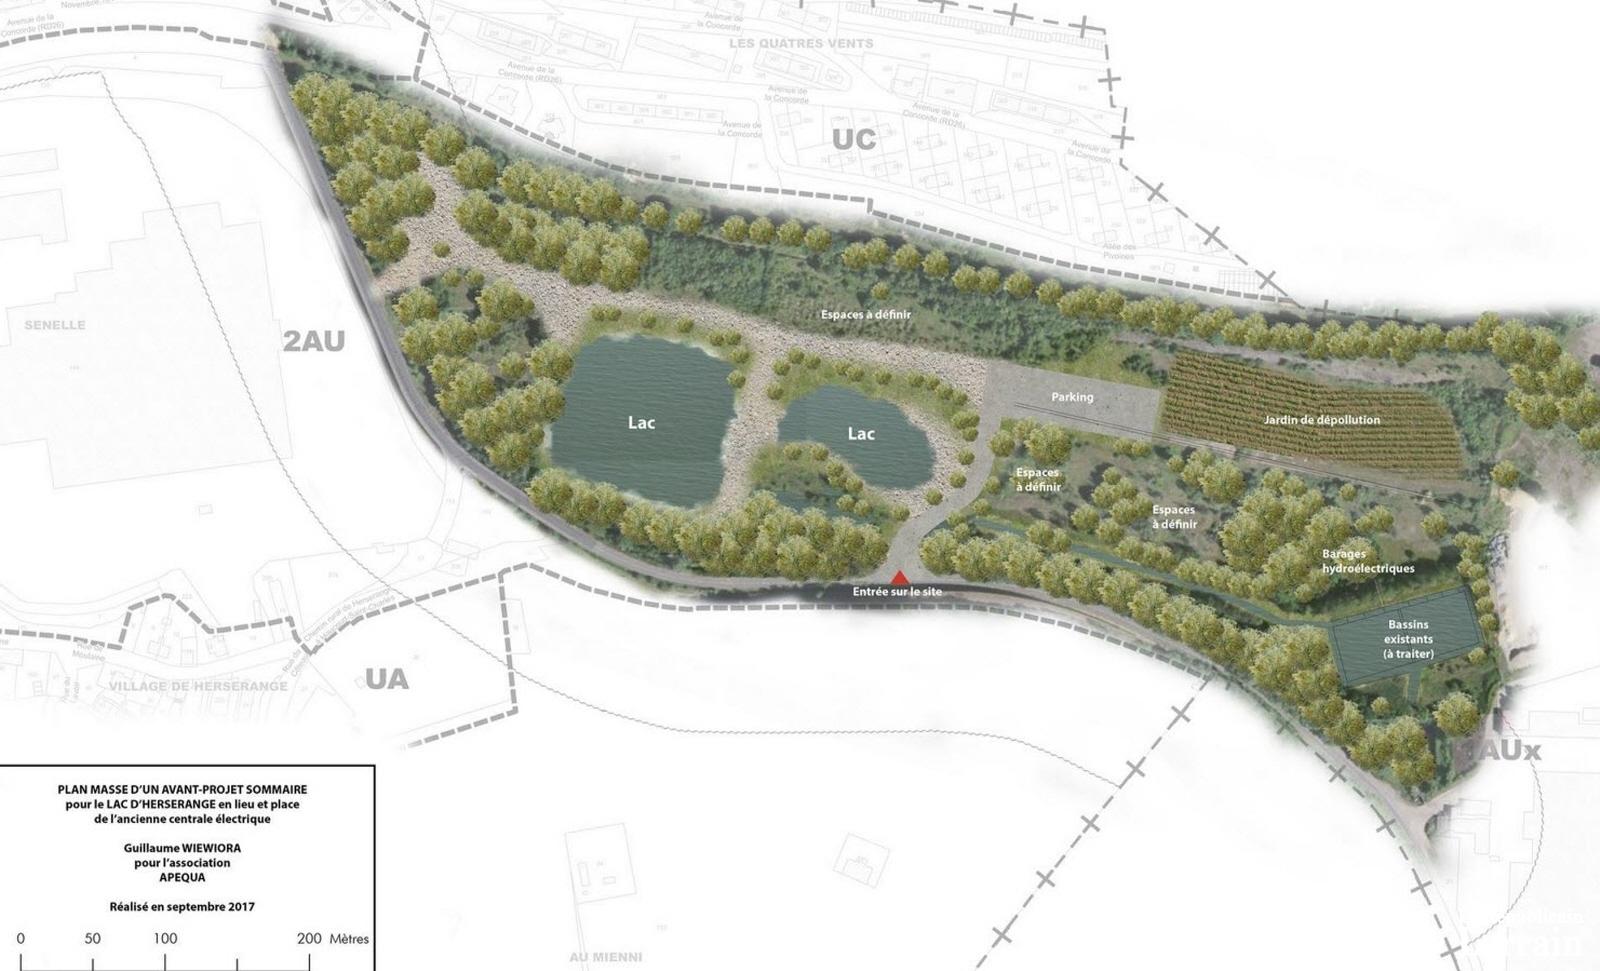 Le projet de recréation du lac sort (enfin ?) du bois